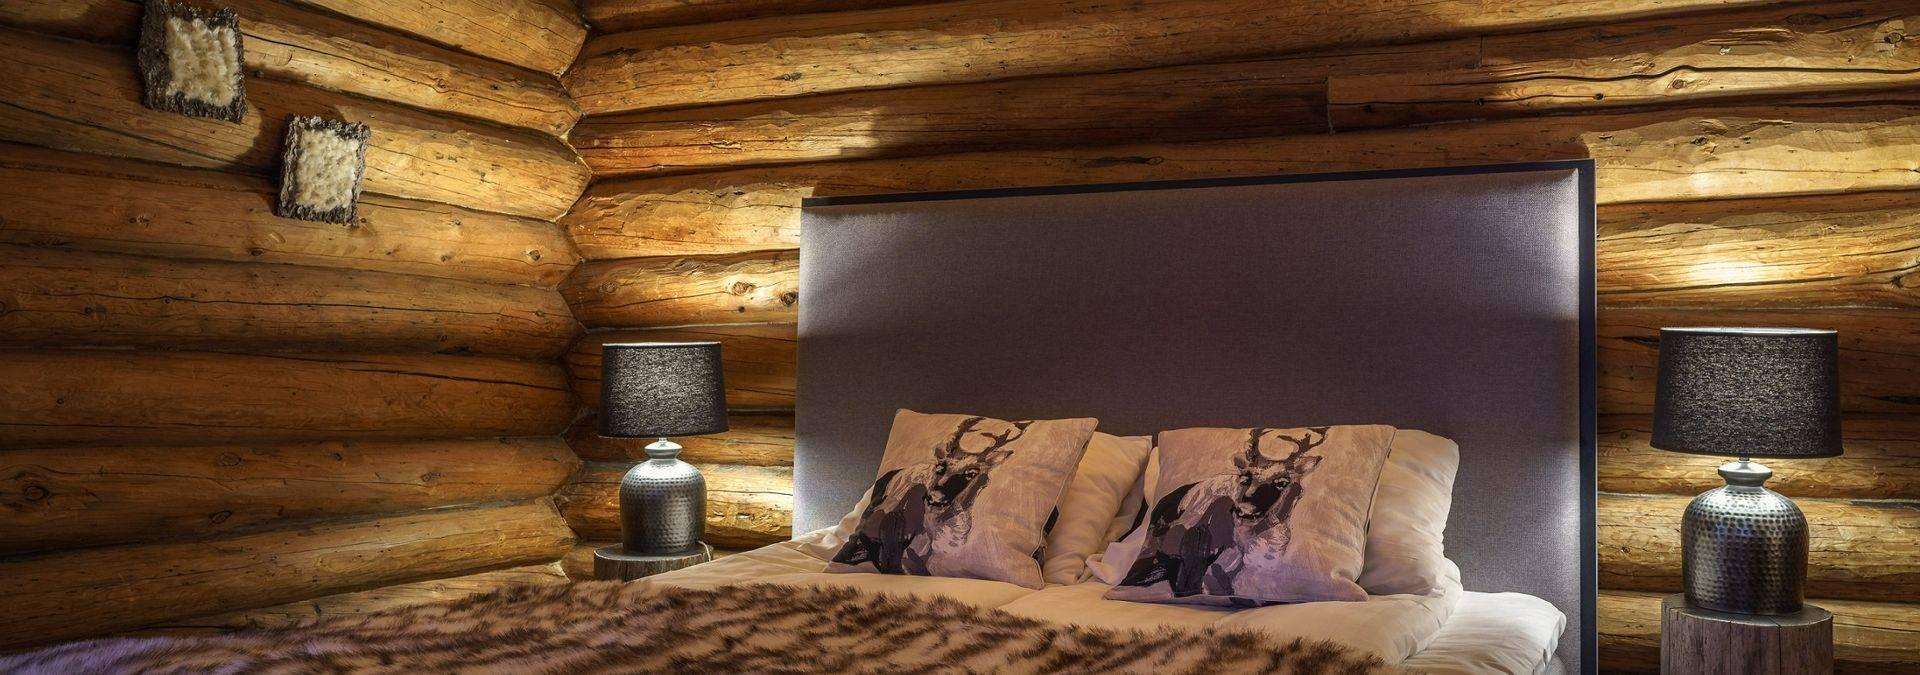 Muotka Riverside Room1   Credit Wilderness Hotel Muotka